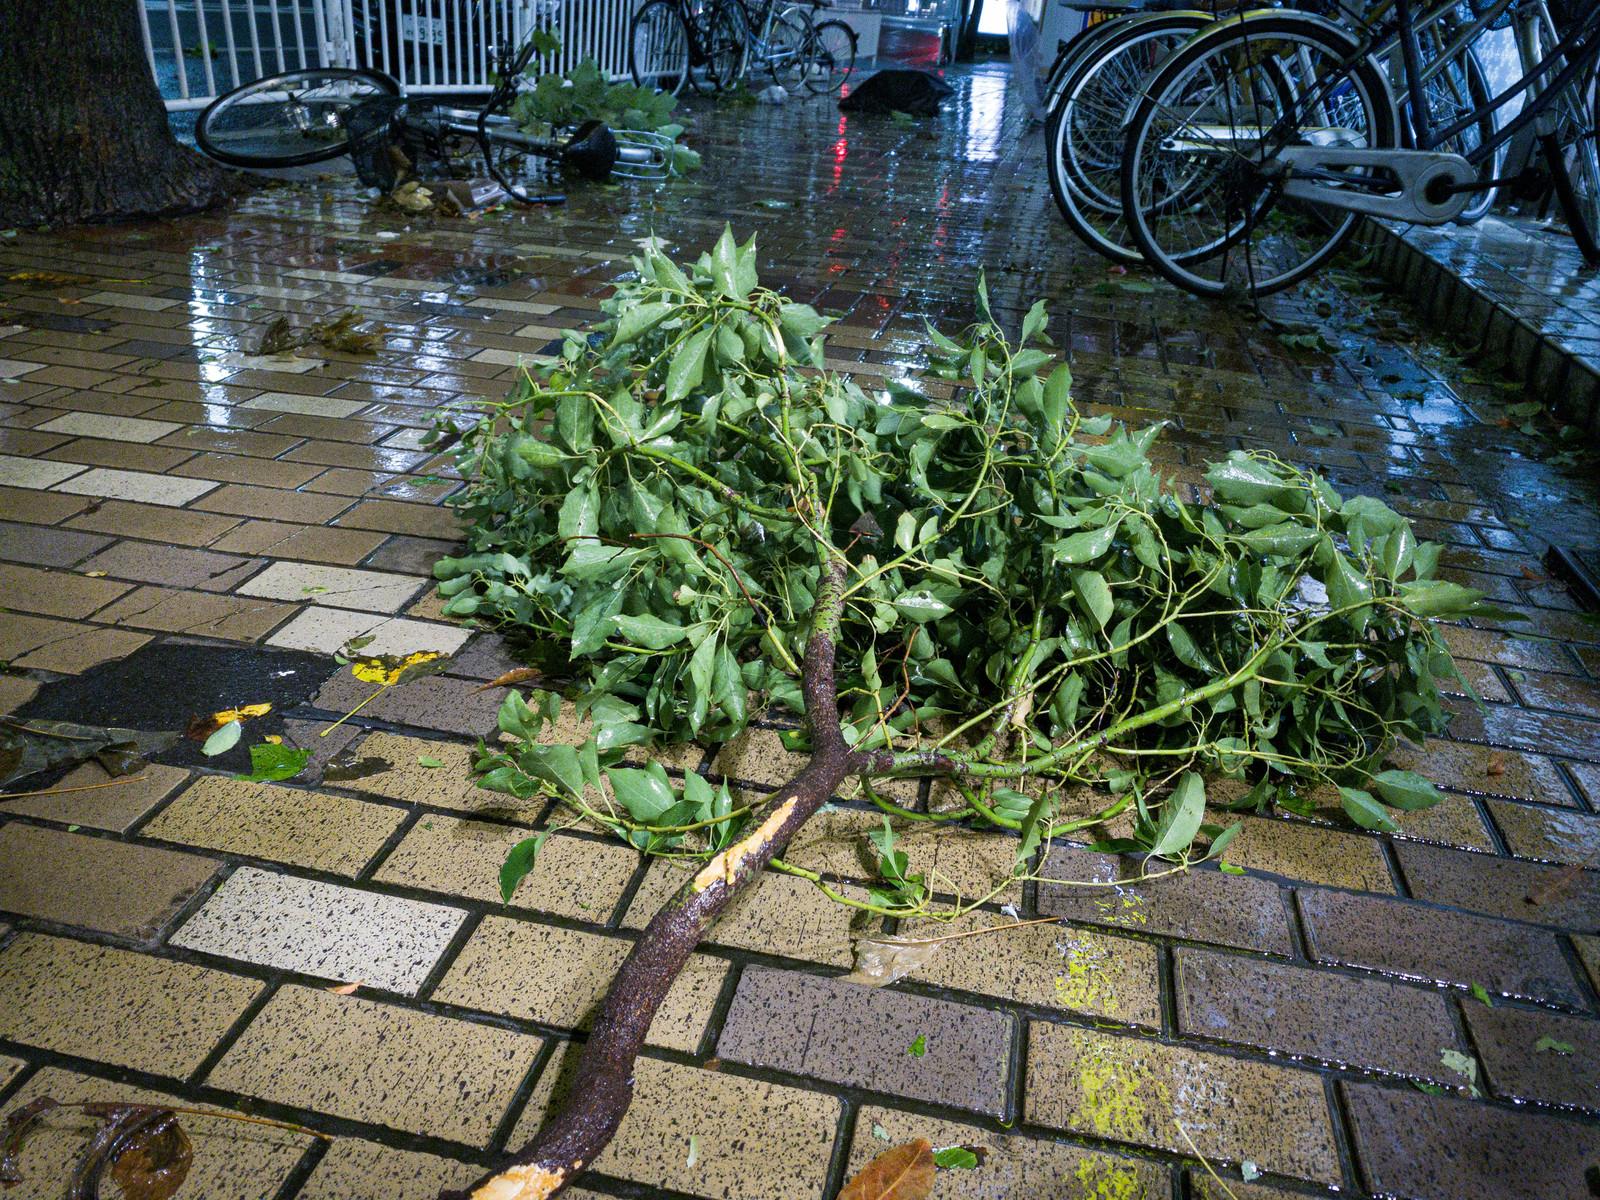 【日本は災害大国】毎年やってくる台風に備える対策方法と損害保険について